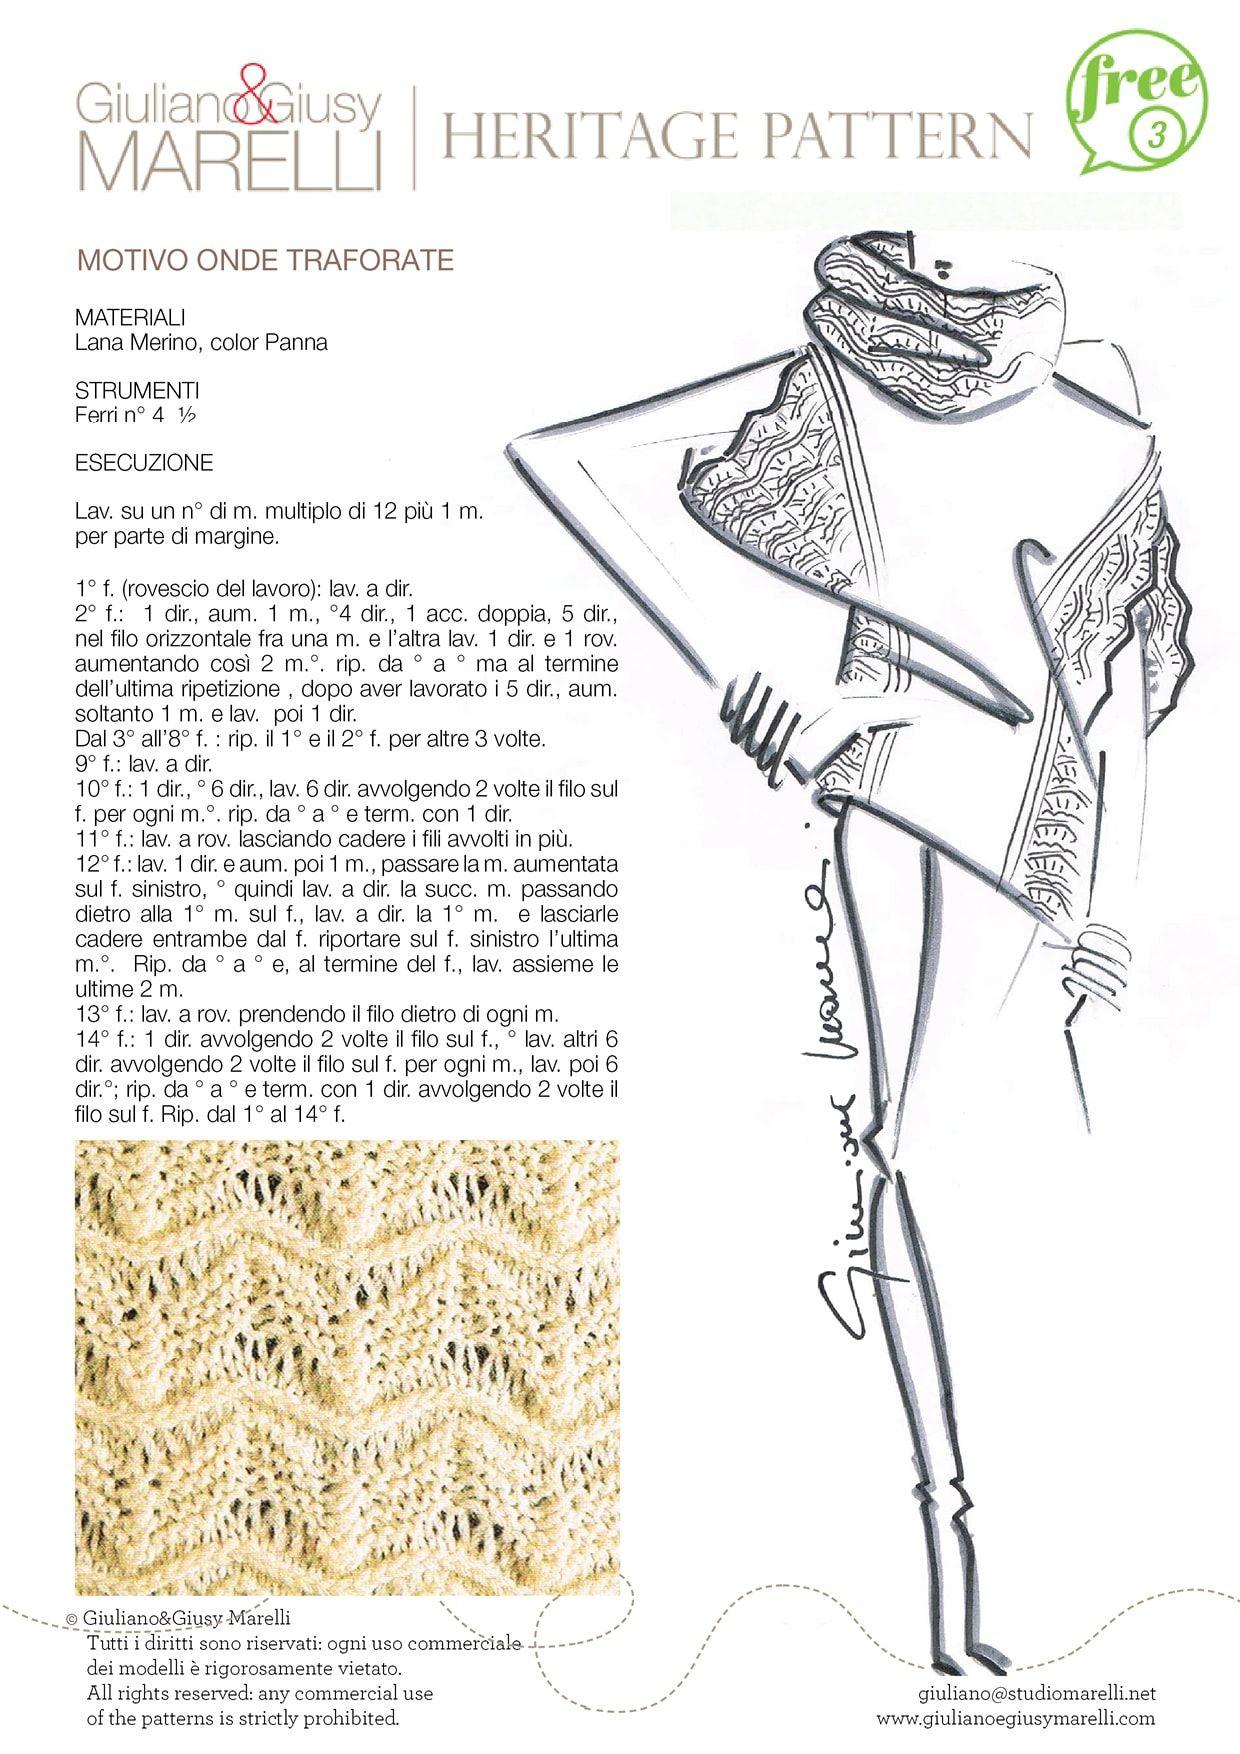 PUNTO ONDE TRAFORATE.jpg | Giuliano & Giusy Marelli | Pinterest ...